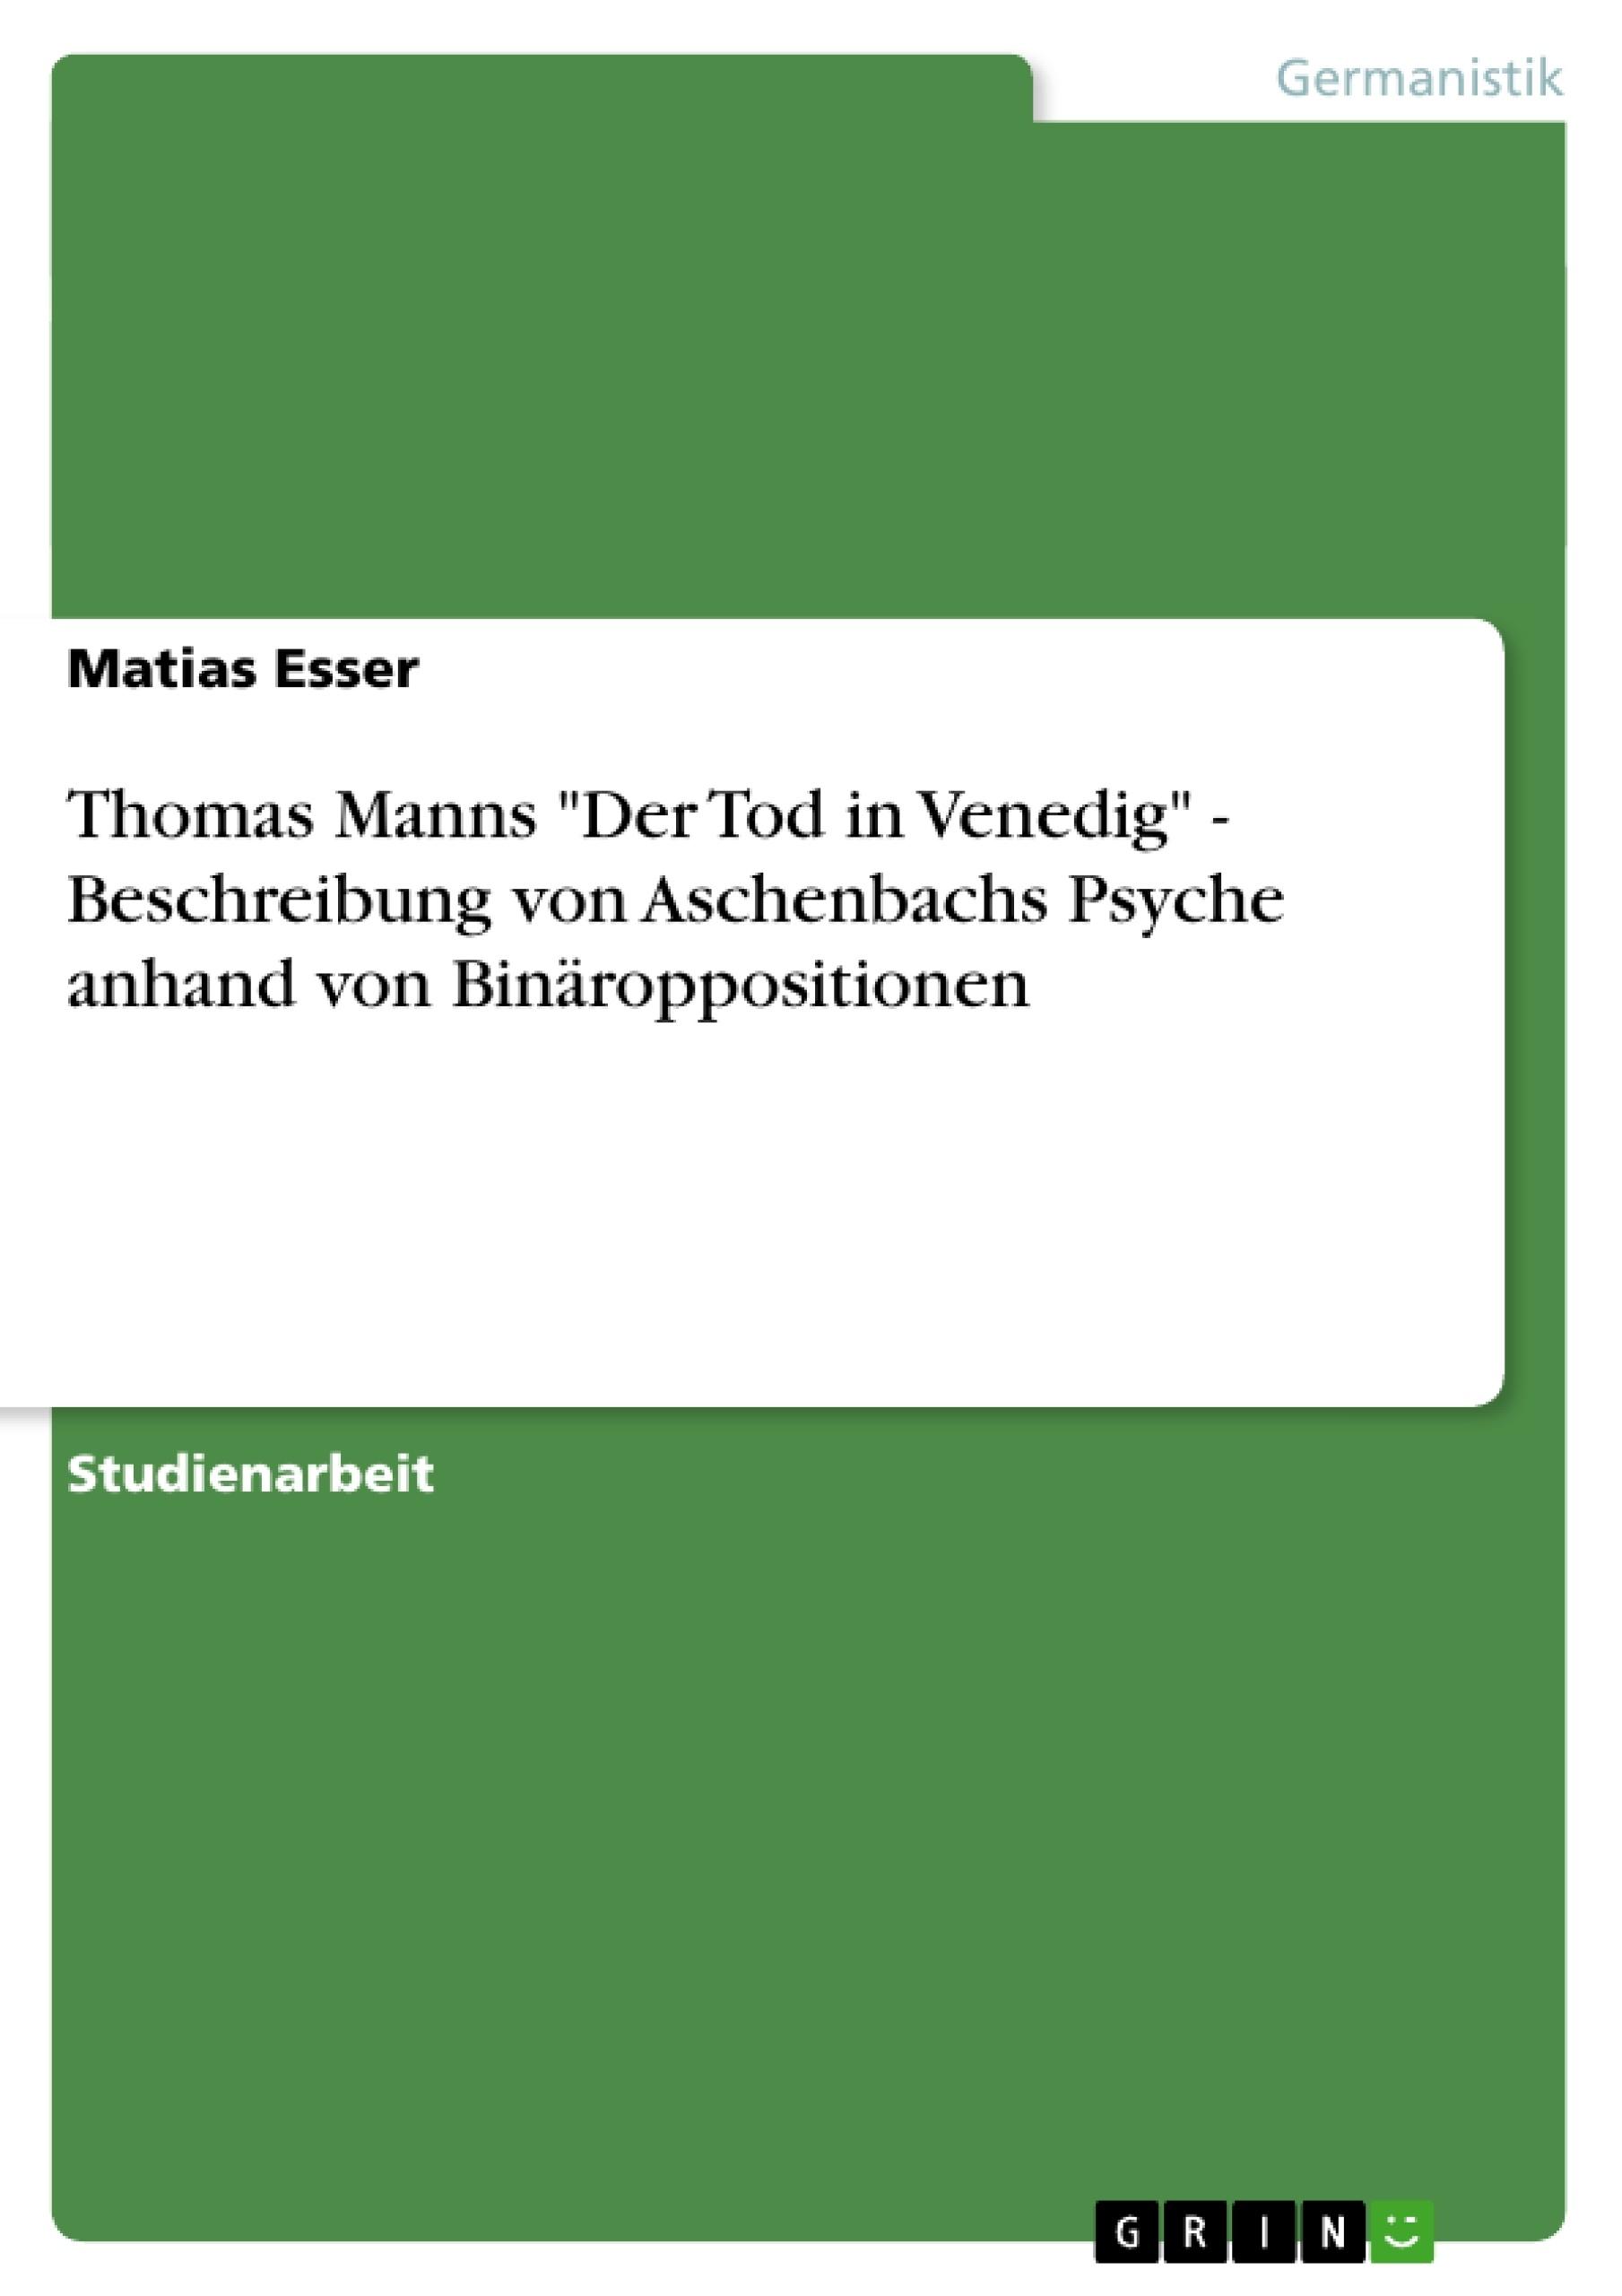 """Titel: Thomas Manns """"Der Tod in Venedig""""  -  Beschreibung von Aschenbachs Psyche anhand von Binäroppositionen"""